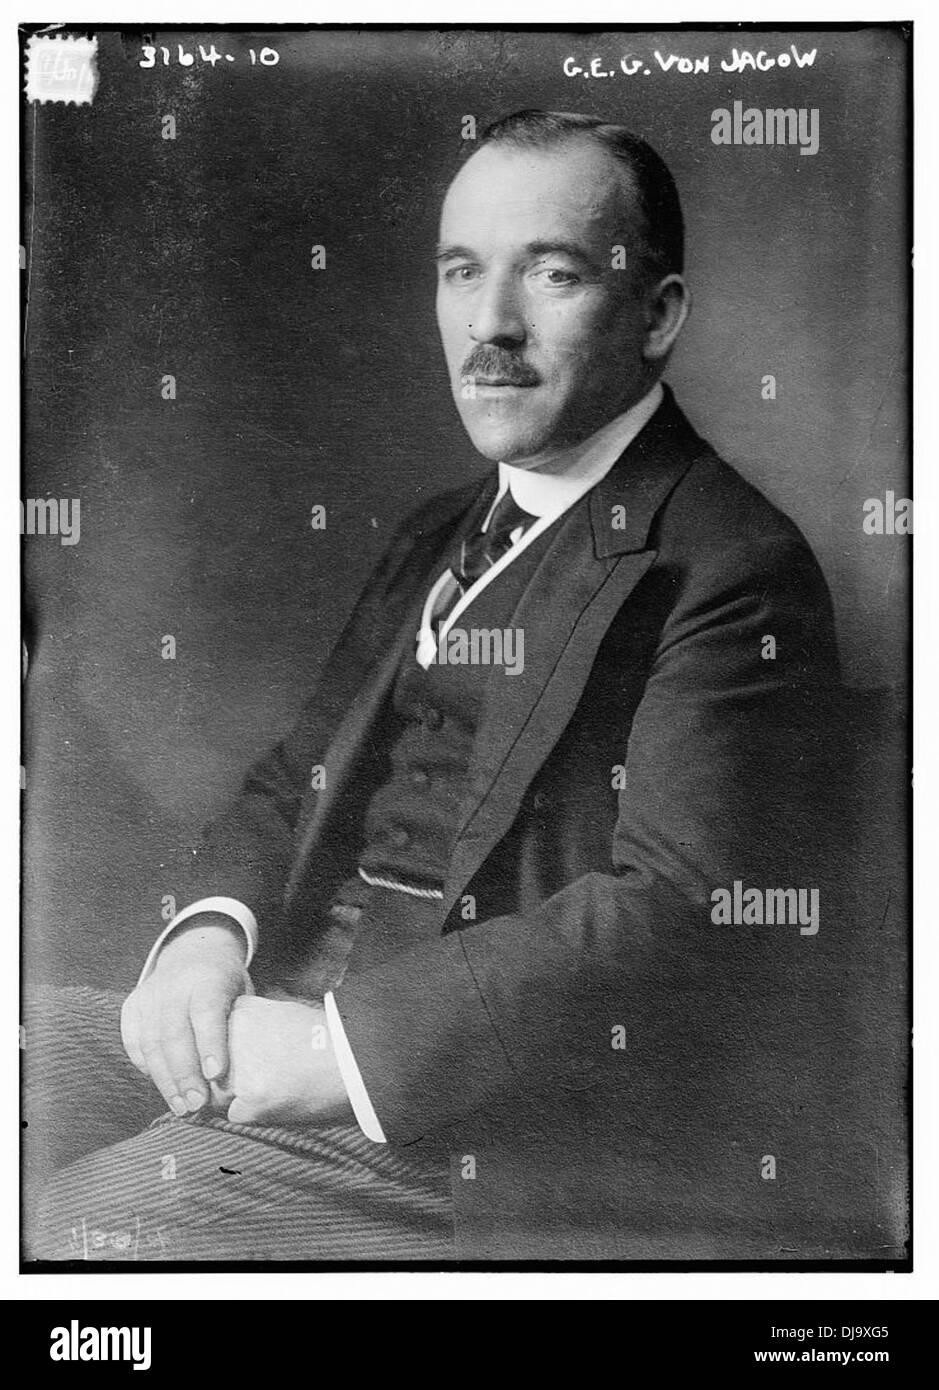 G.E.G. Non Jagow (LOC) - Stock Image